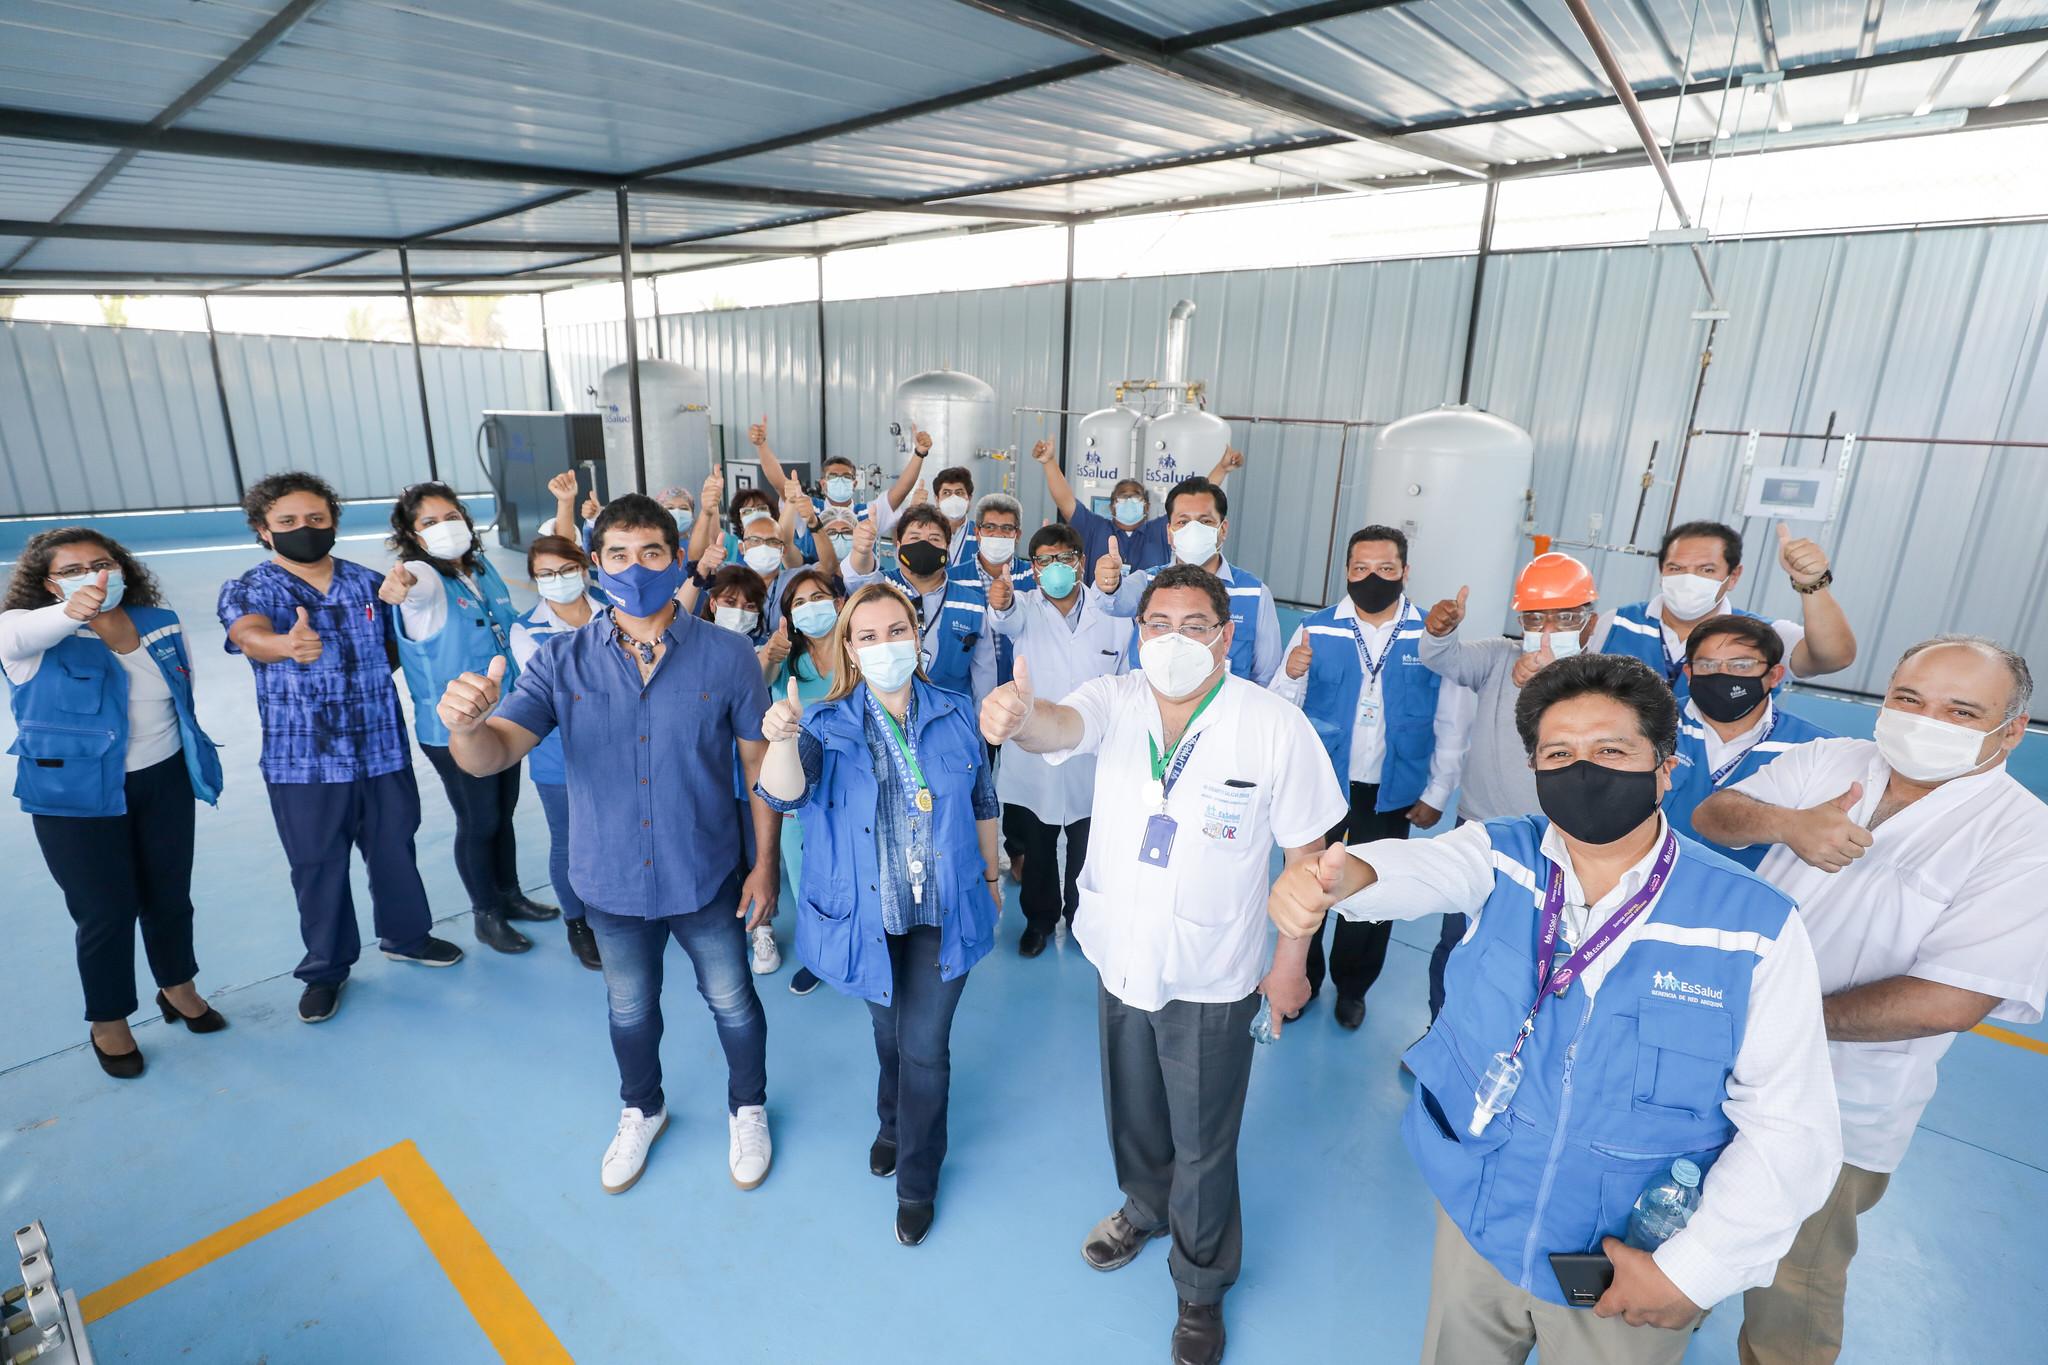 Essalud - Fiorella Molinelli:  Contagios por Covid-19 en Arequipa bajaron de 5 mil casos semanales a casi 300